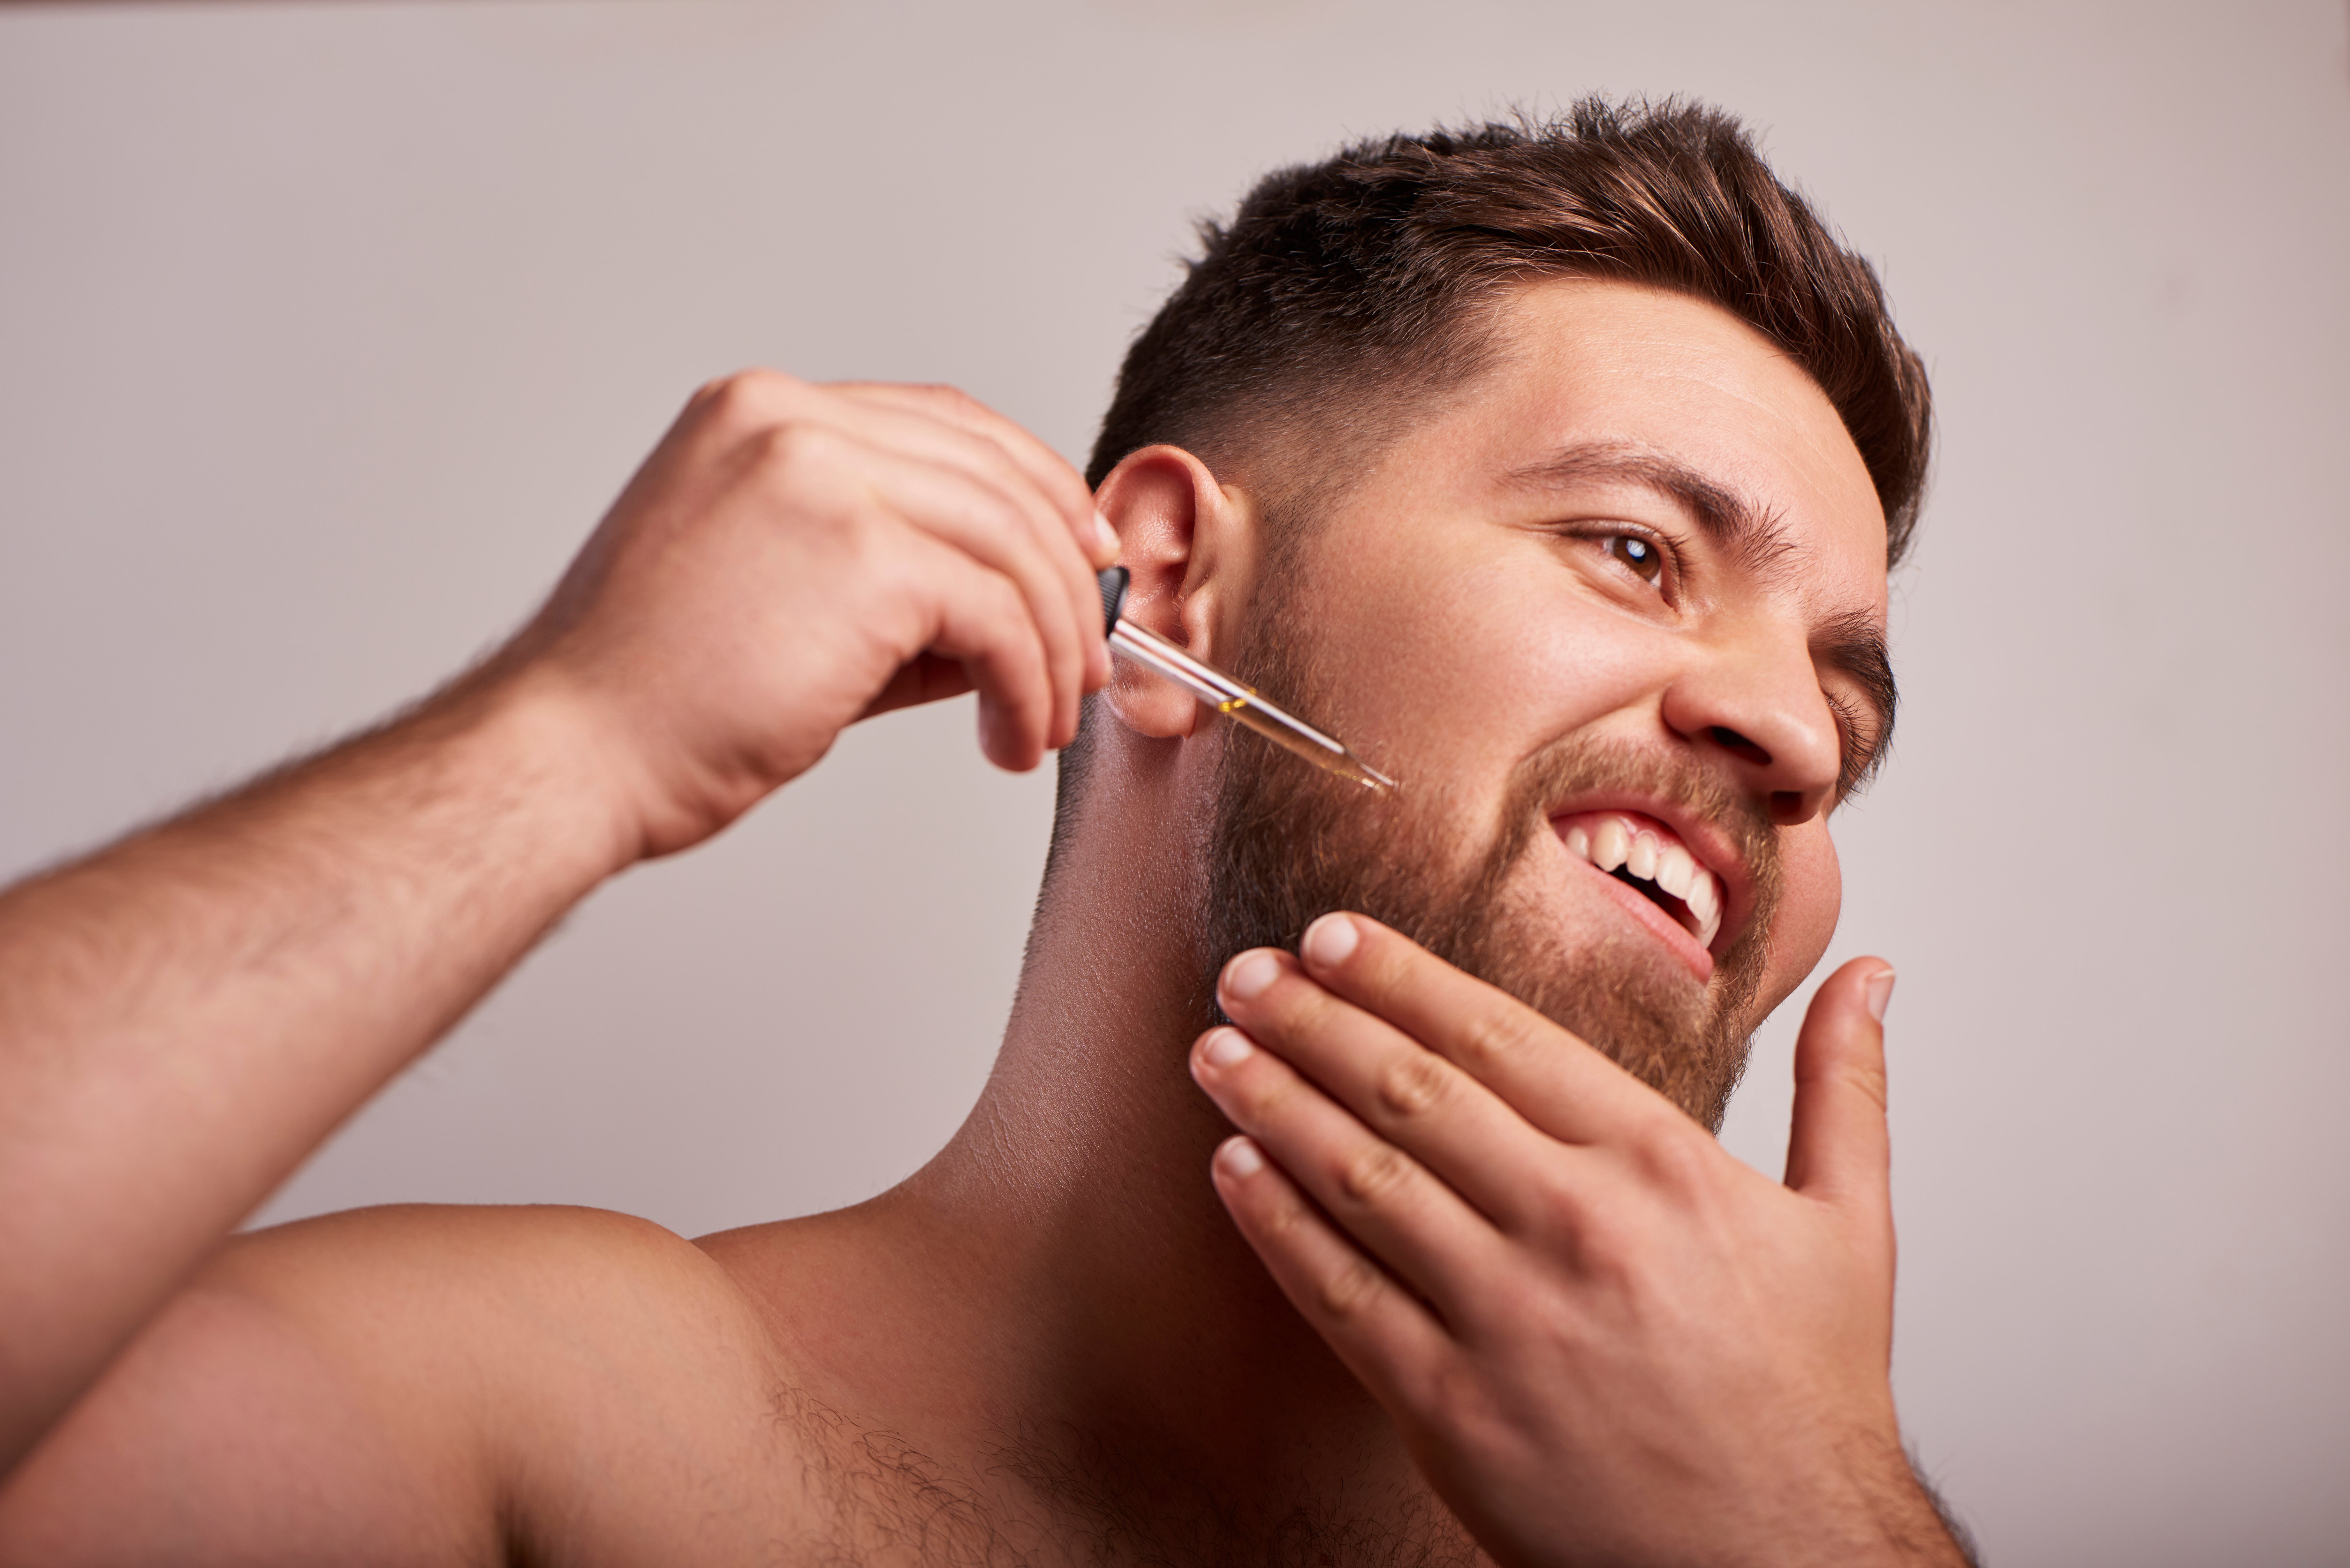 Lava tu barba regularmente para el cuidado